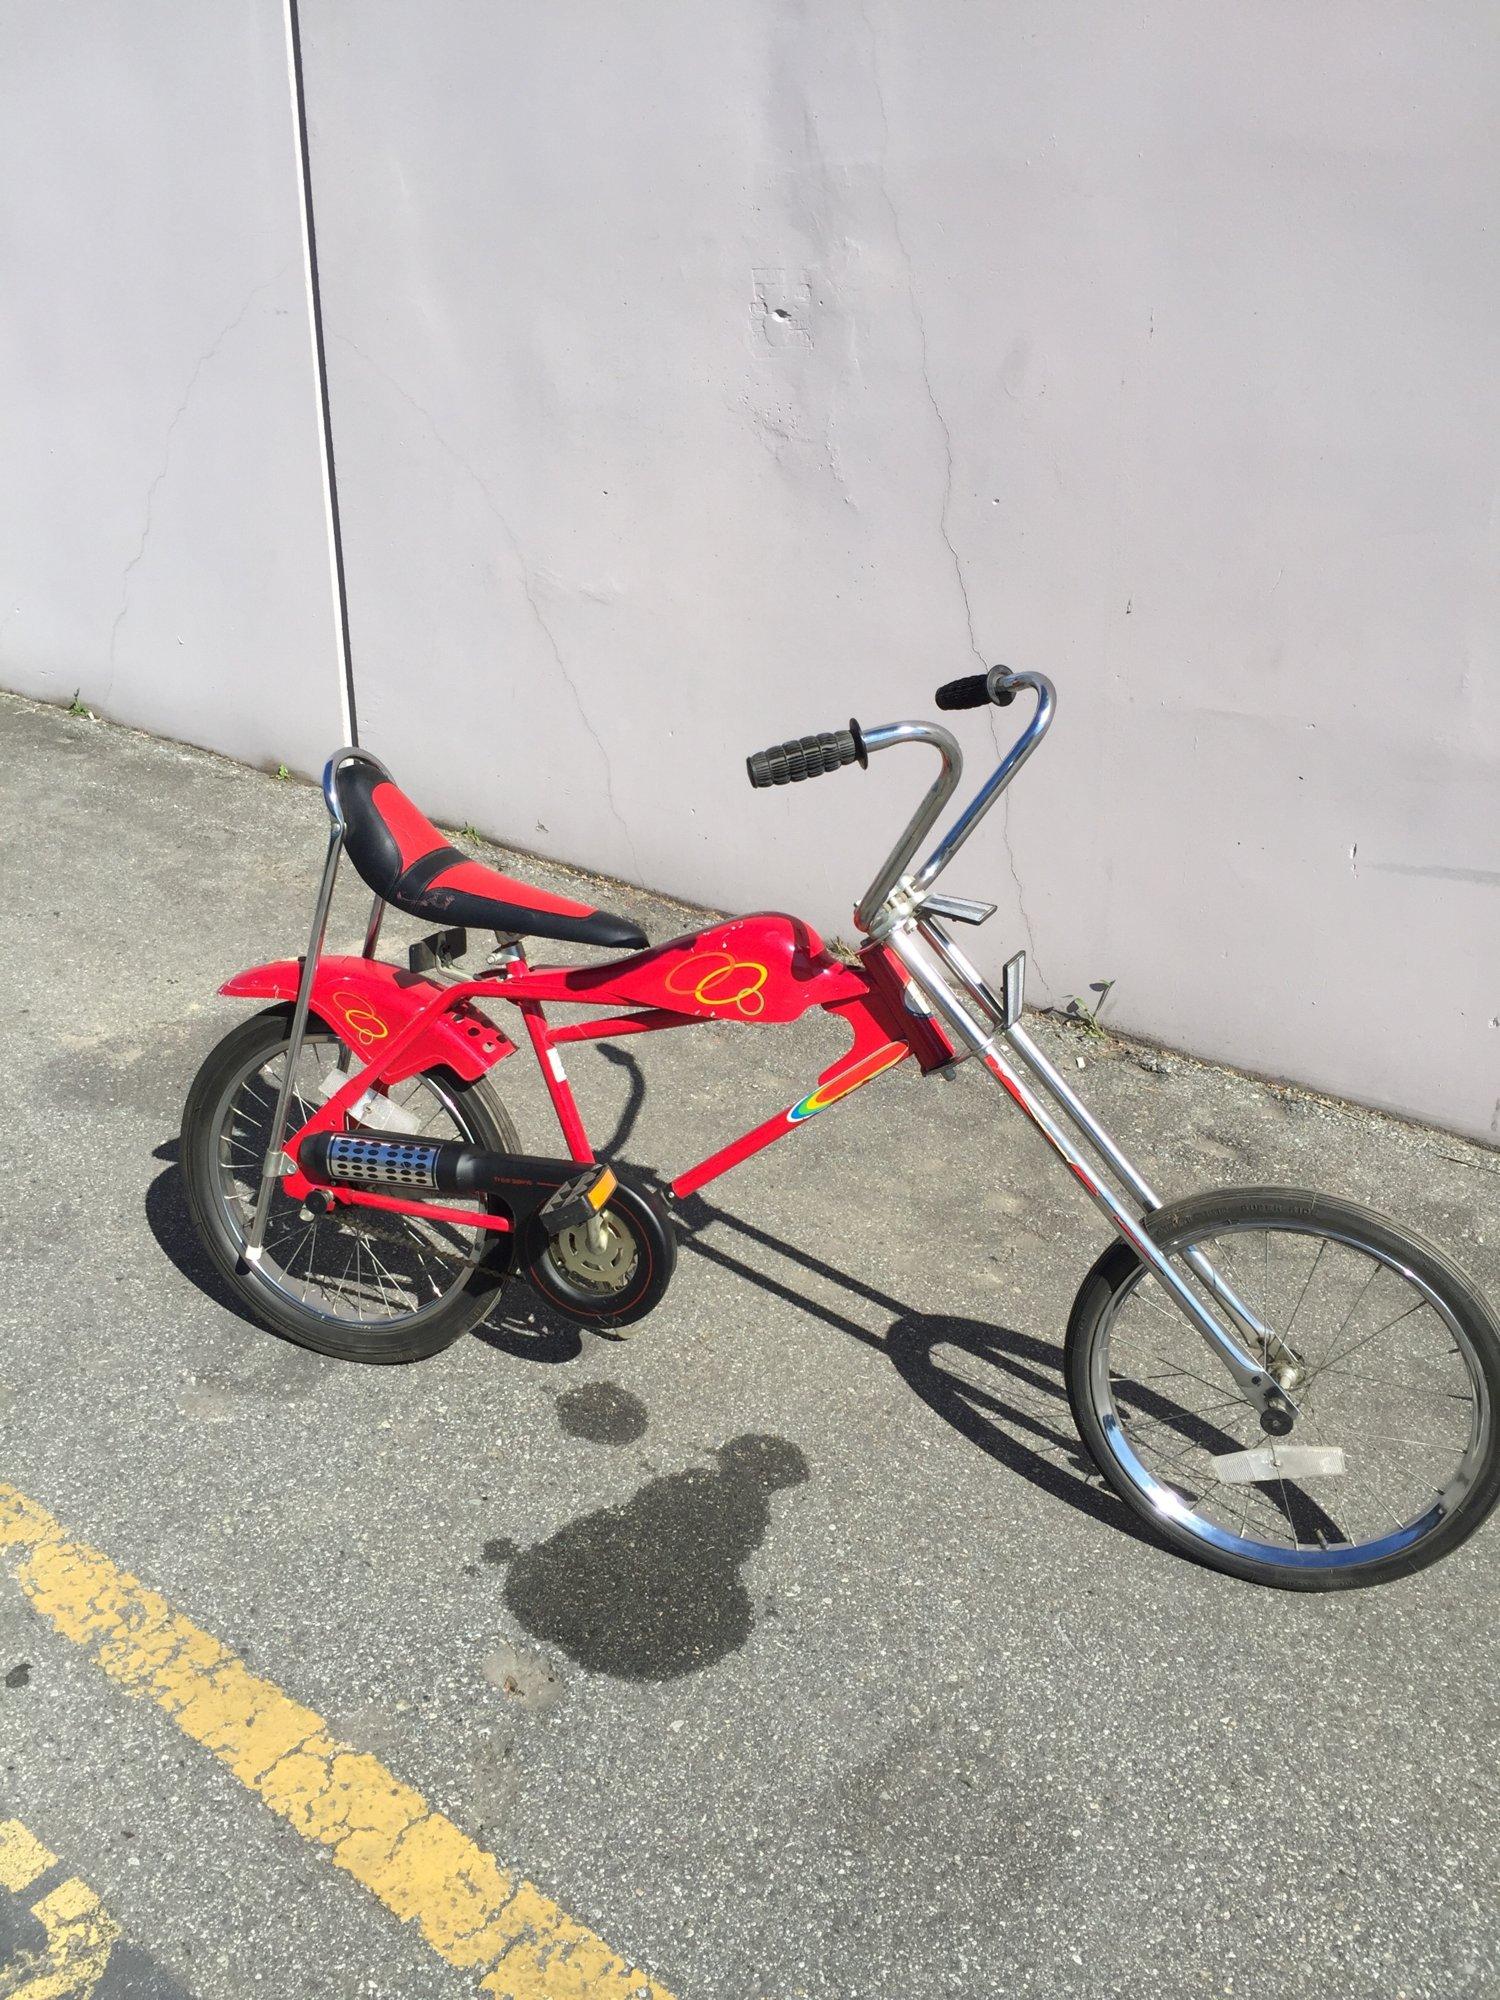 Bike - Simpsons Sears Chopper Bicycle Original 4.jpg